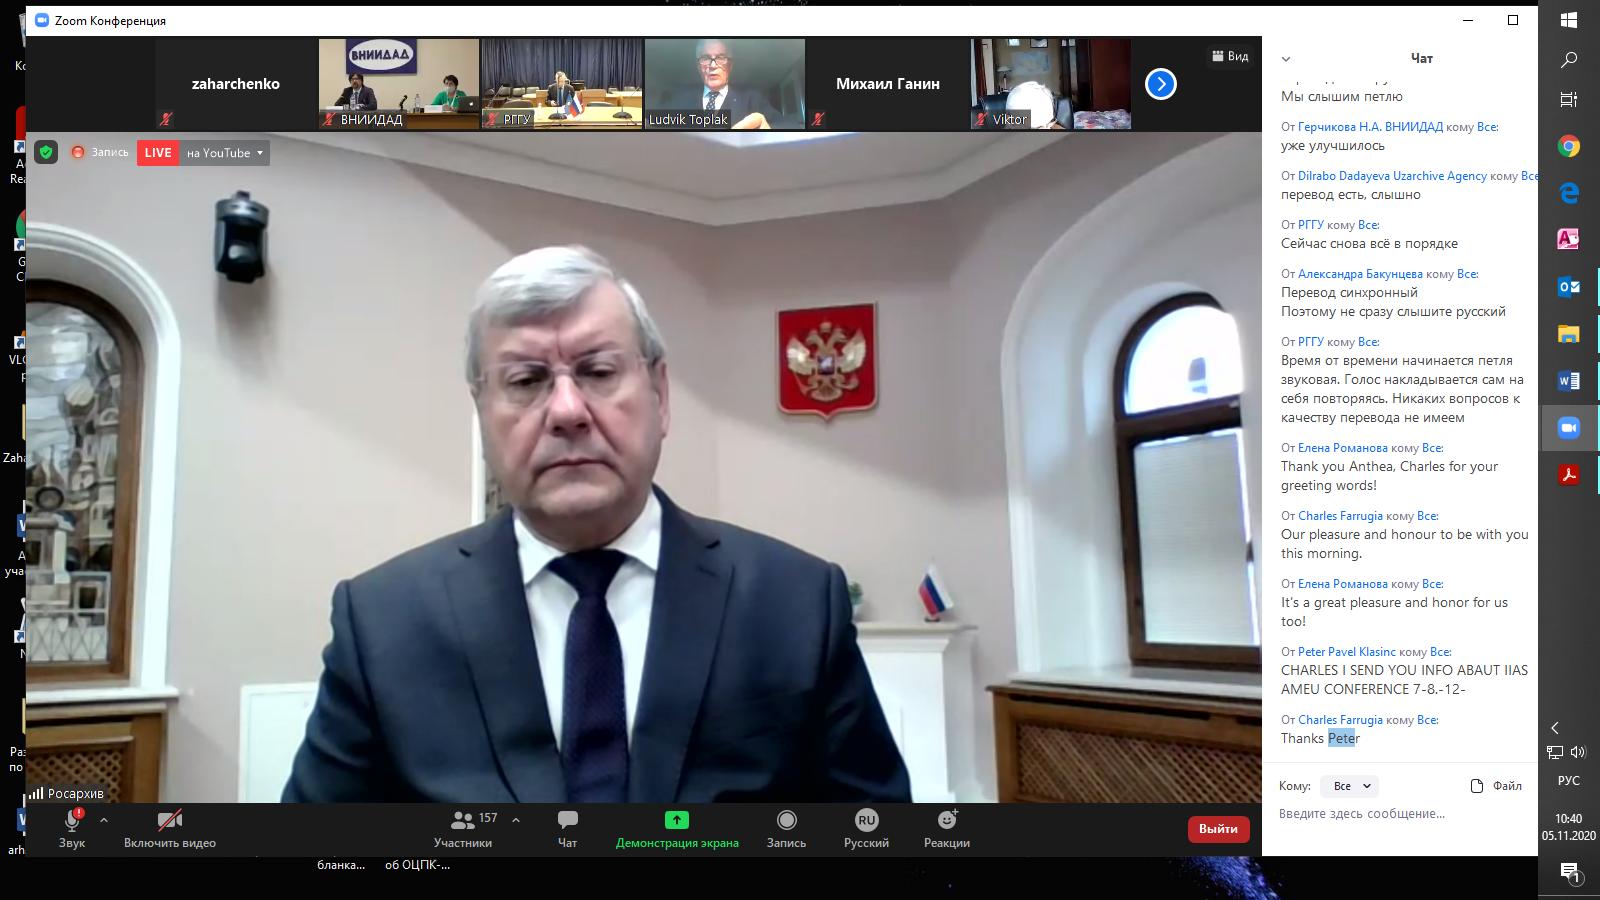 Приветственное слово участникам конференции, Артизов Андрей Николаевич, д-р ист. наук, руководитель Федерального архивного агентства.